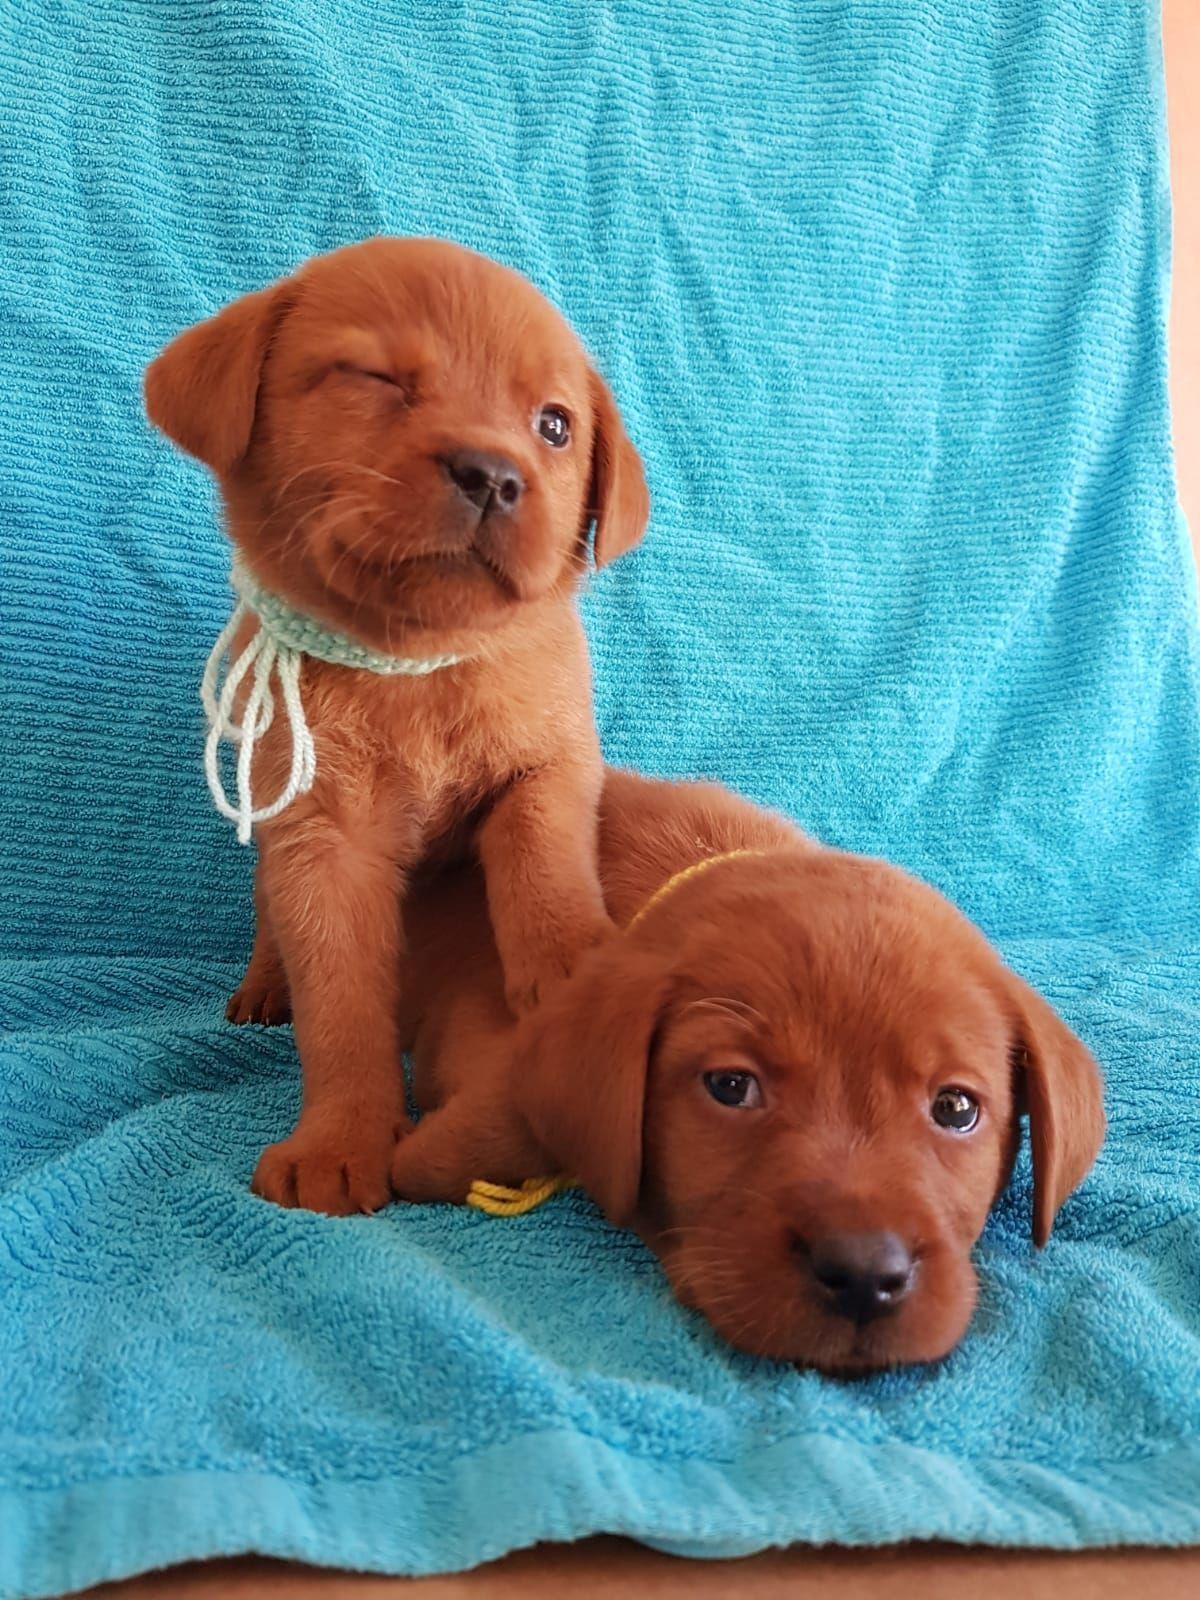 Foxred Labrador Soziale Wir Zuchten Labrador Retriever In Foxred In 2020 Welpen Labrador Labrador Retrievers